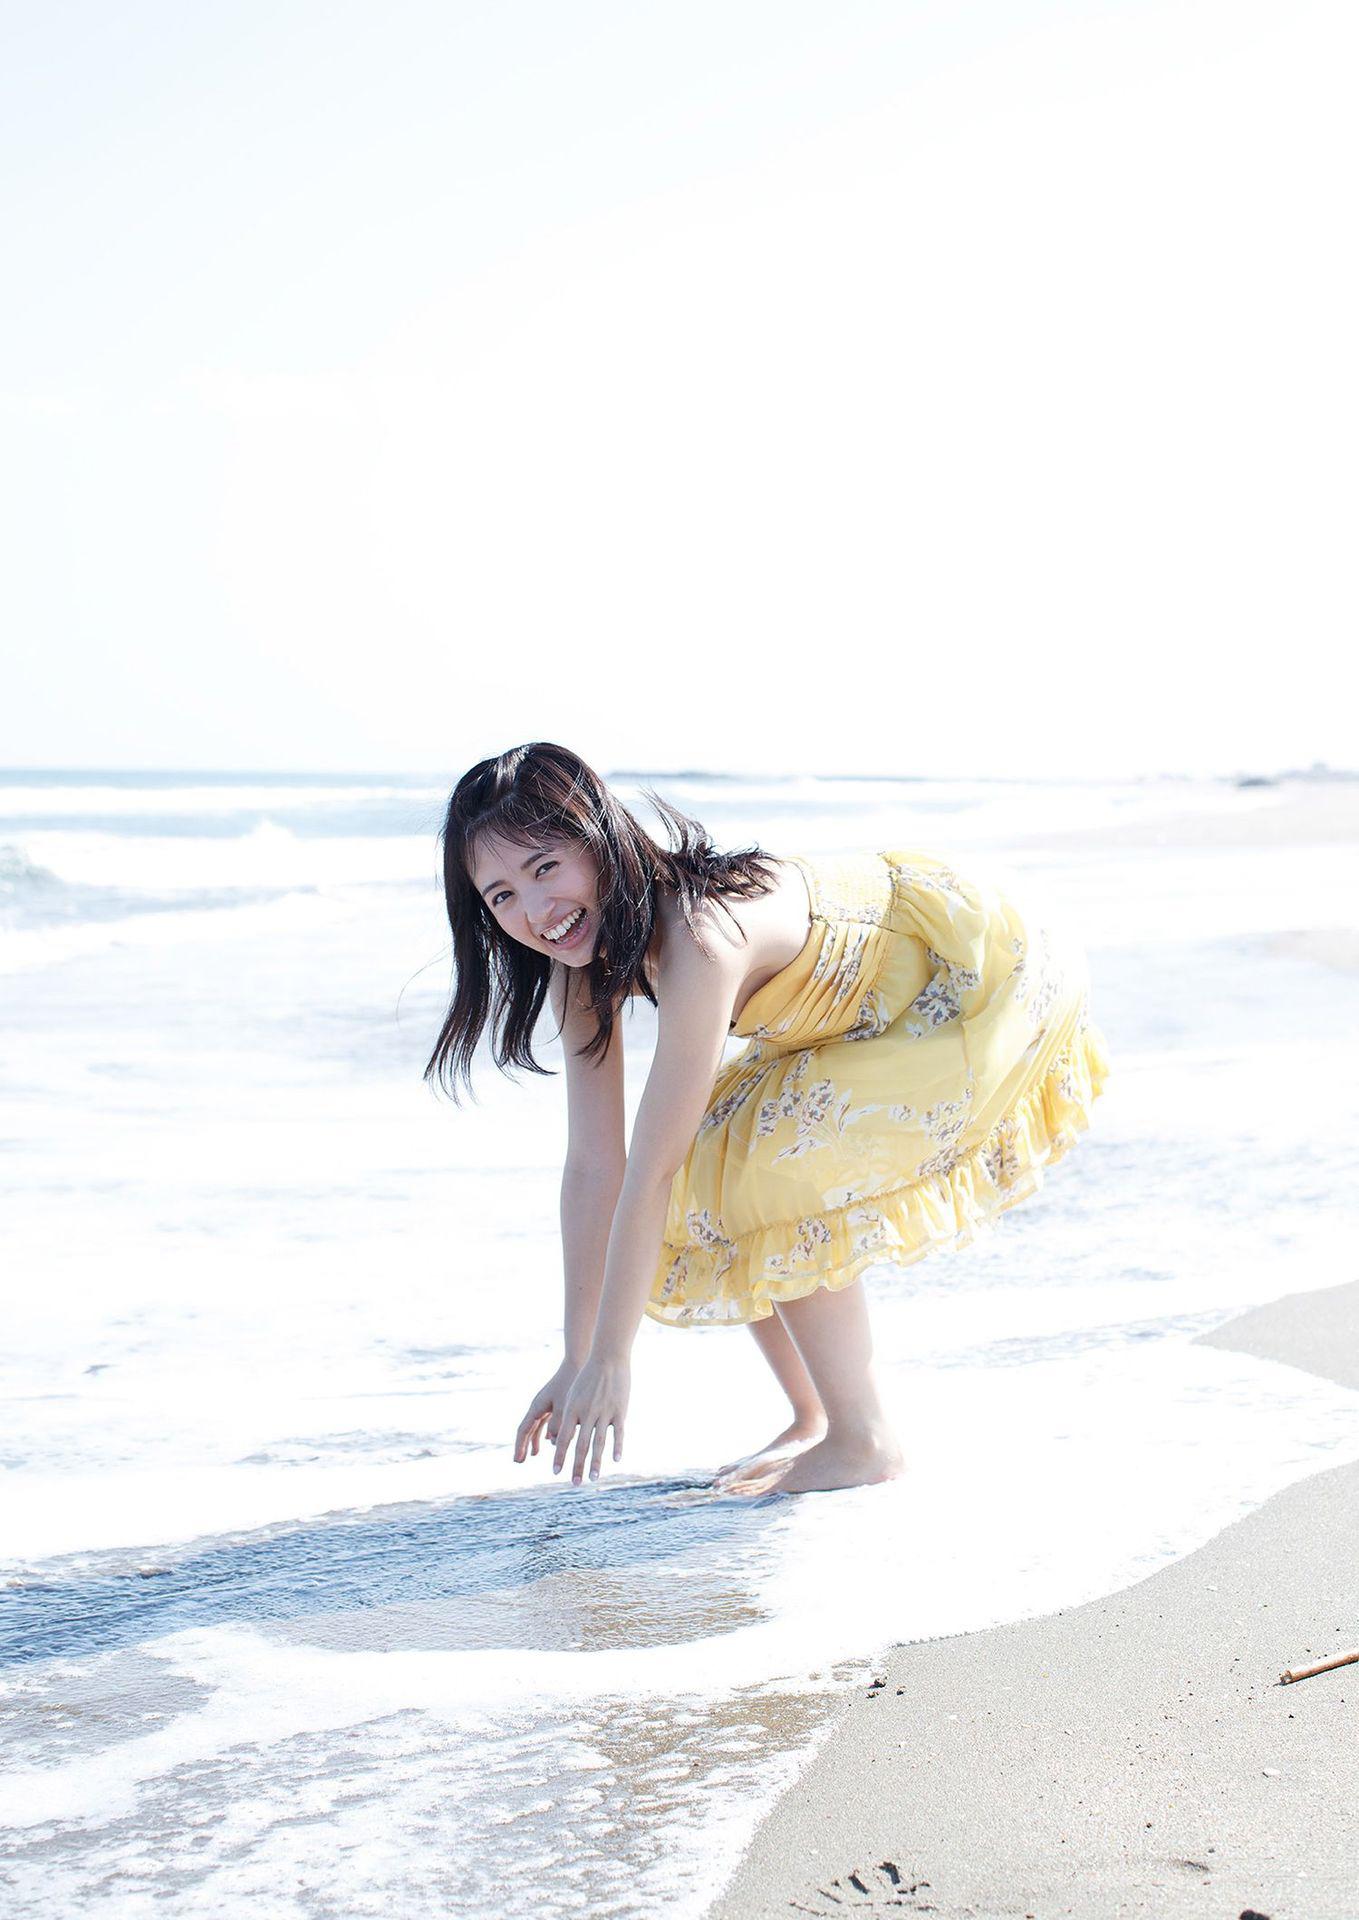 Voice actor Rikako Oita009